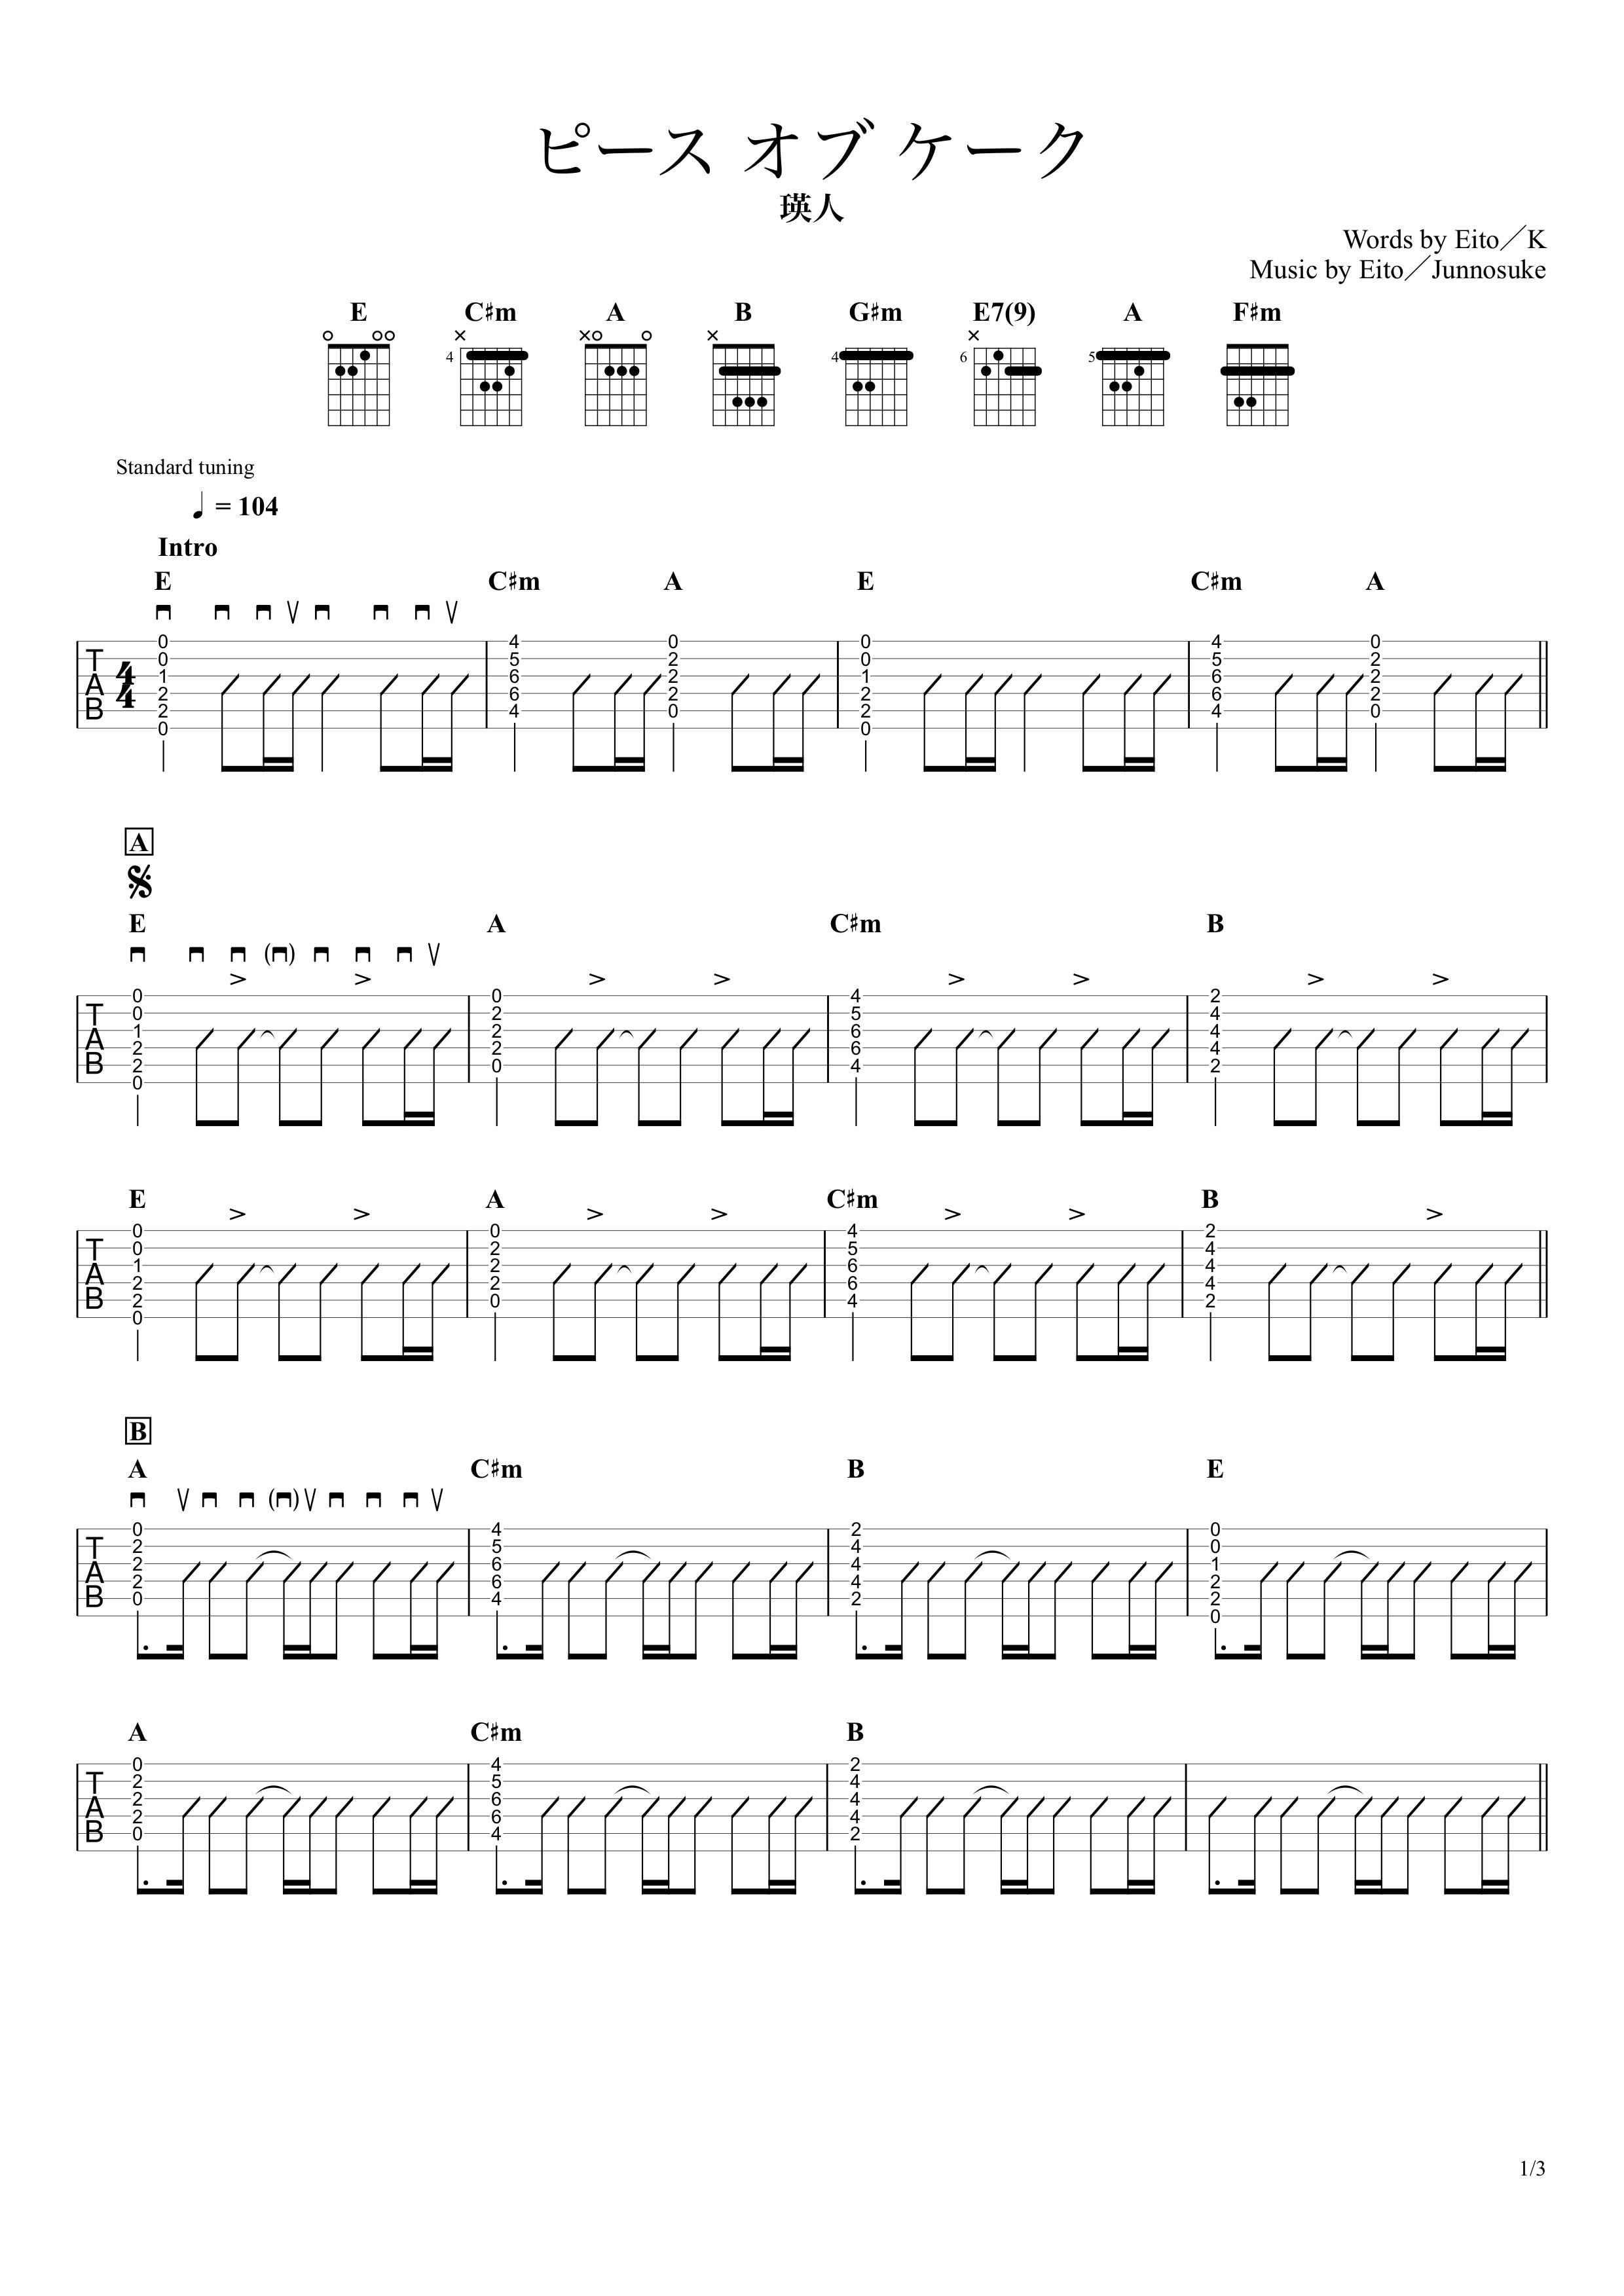 ピースオブケーク/瑛人 ギタータブ譜 アコギで弾くコードストロークVer.01